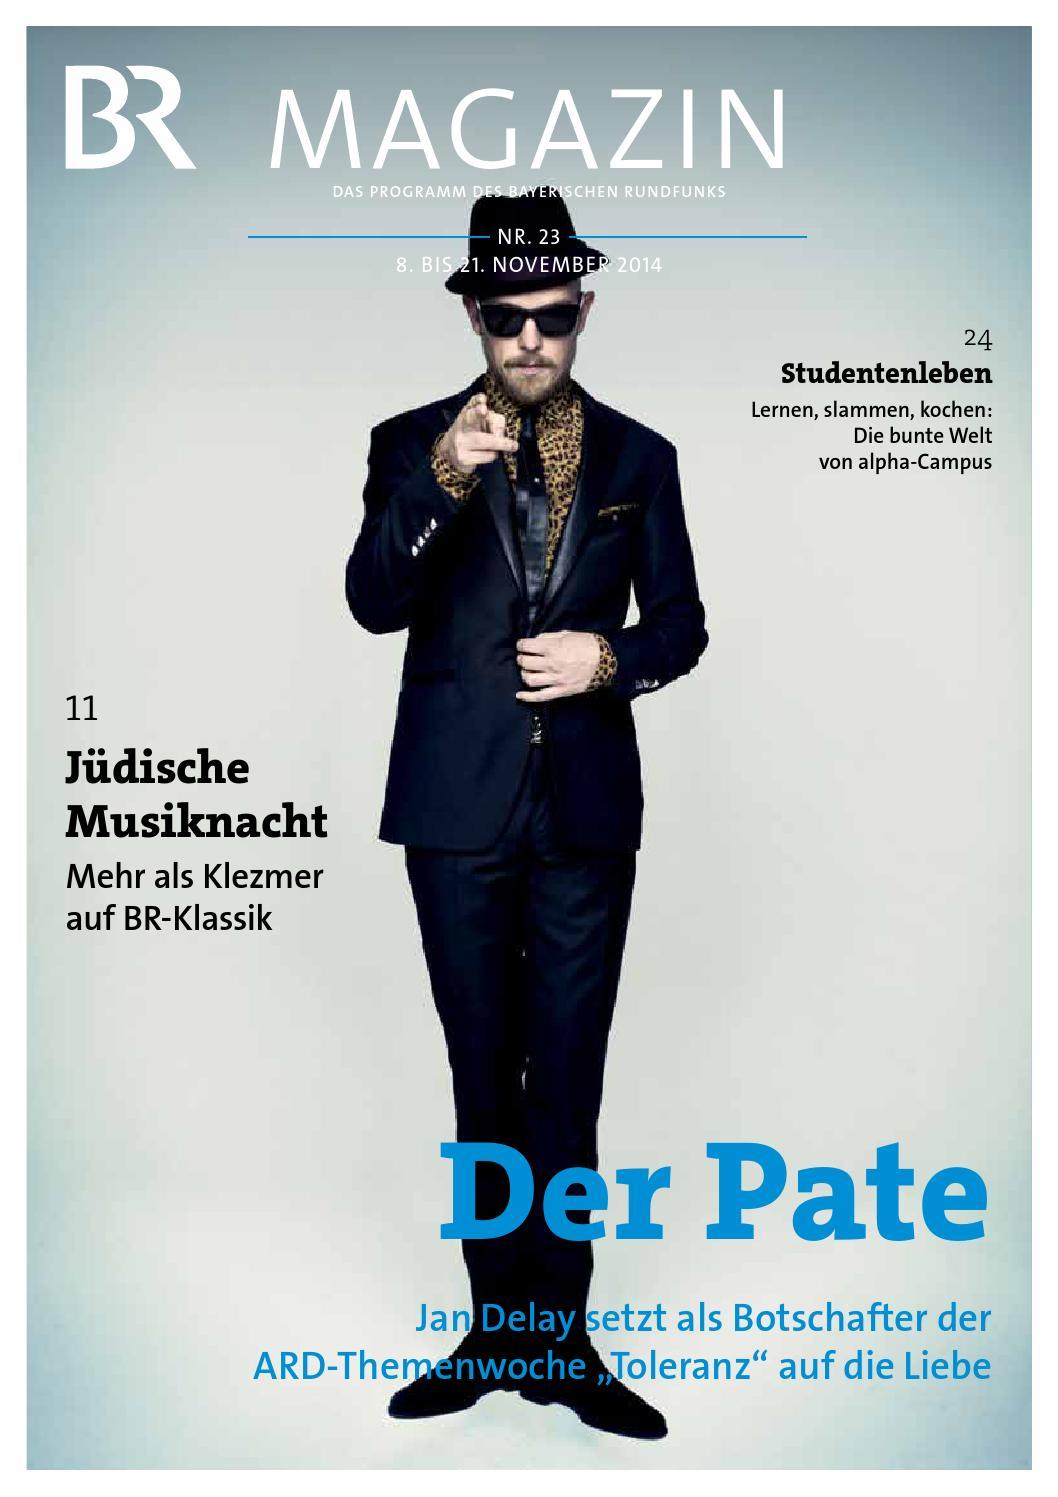 BR-Magazin Nr. 23 vom 08.11.-21.11.2014 by Bayerischer Rundfunk - issuu